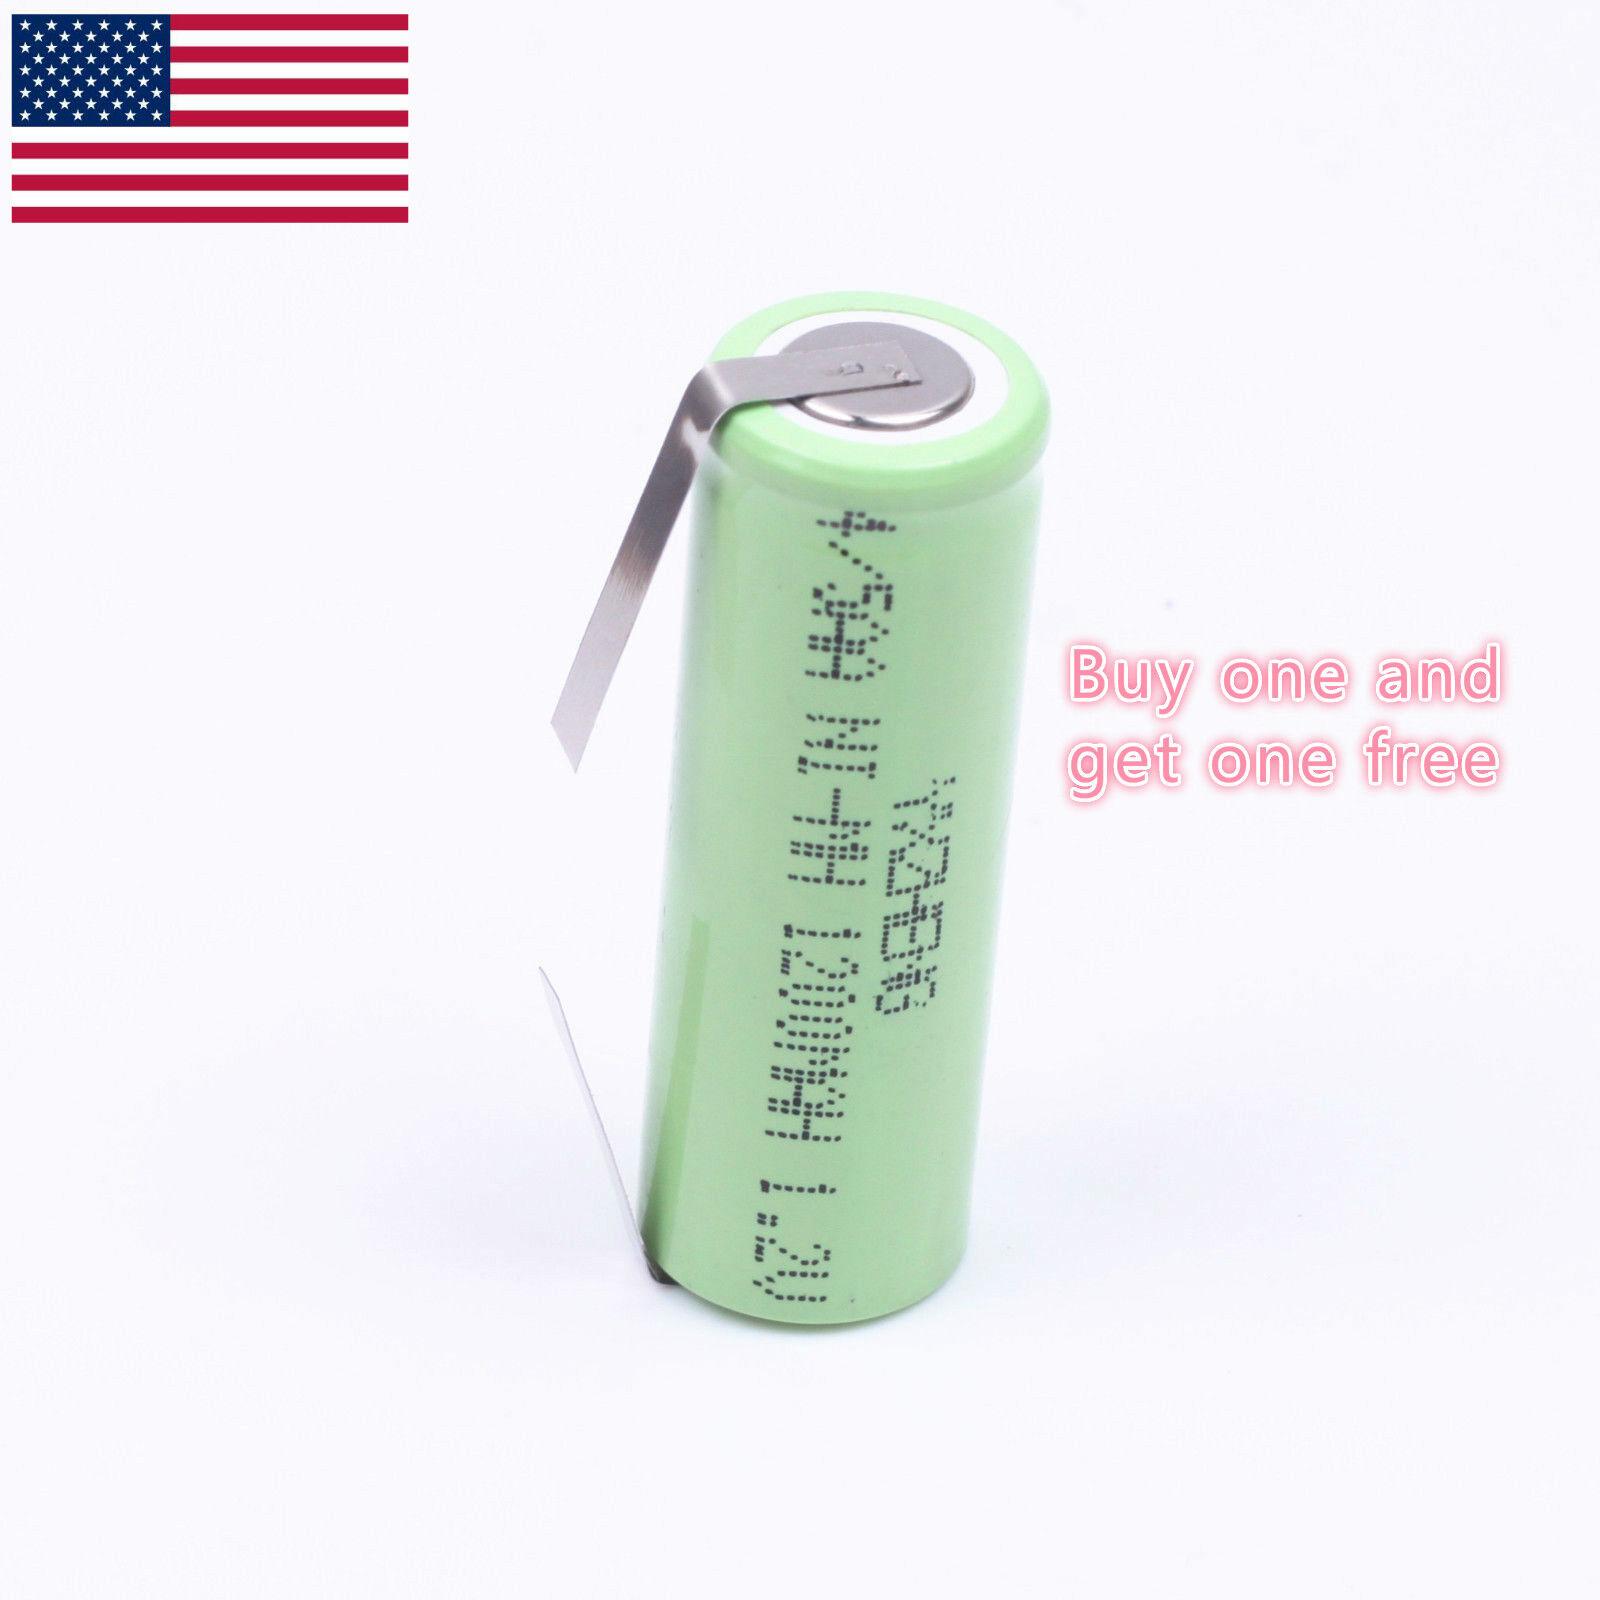 1.2V 4/5AA Braun Oral-B elctronic toothbrush Battery 1200mAh Ni-MH 42 x 14mm